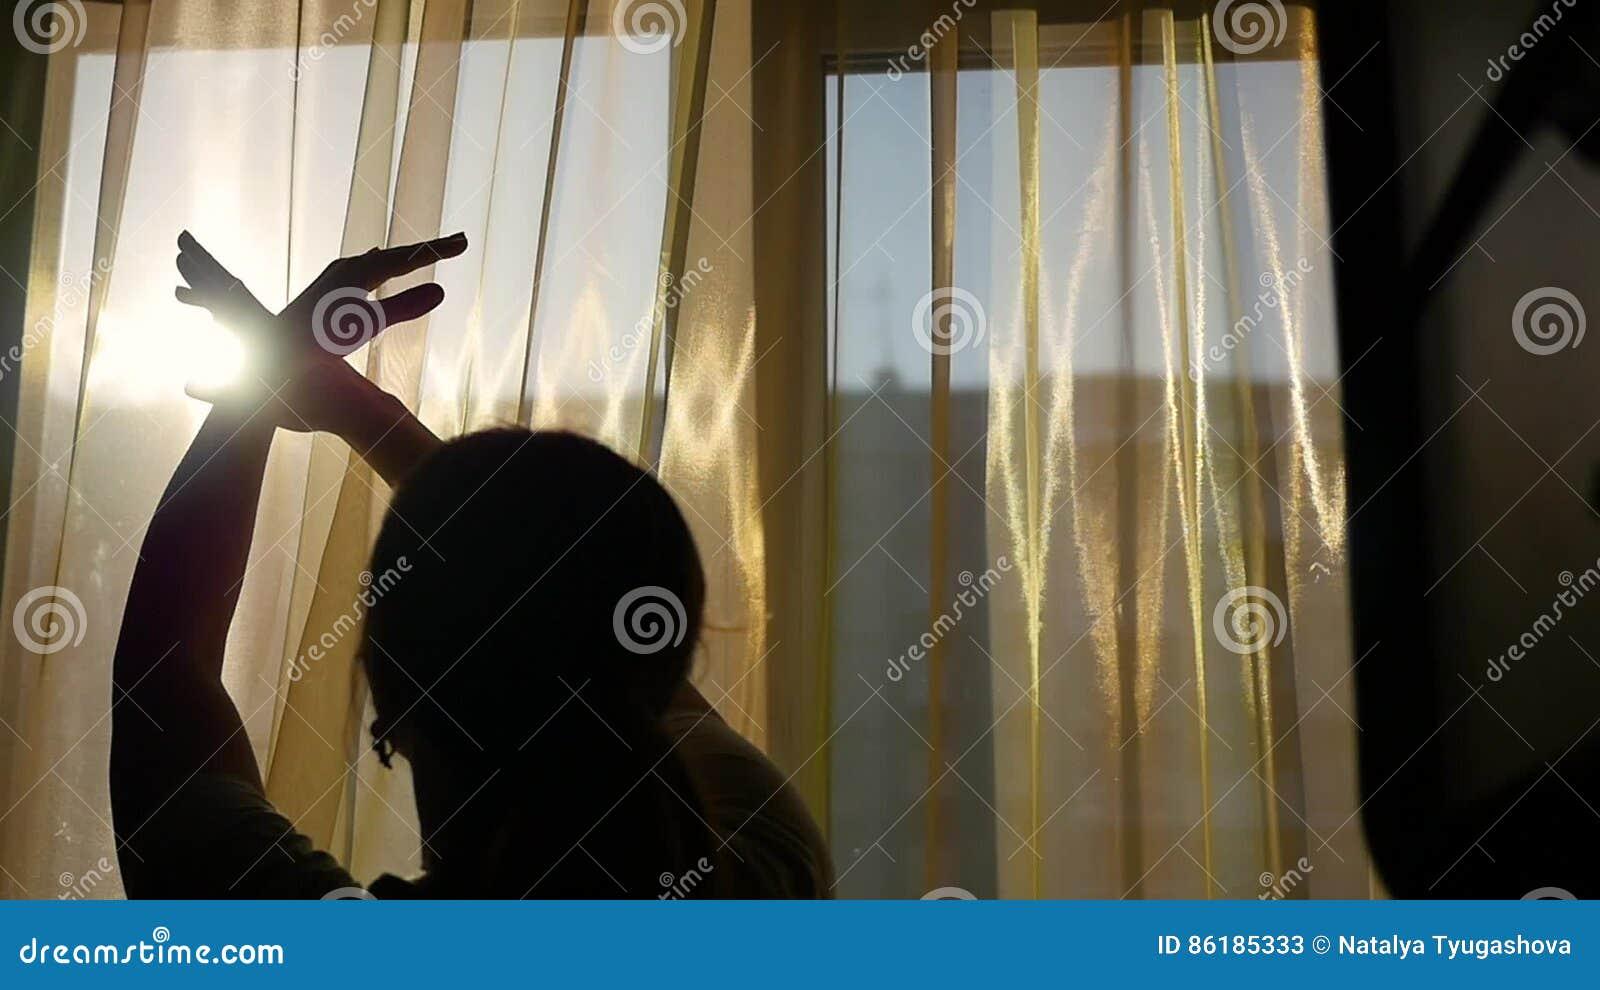 https://thumbs.dreamstime.com/z/het-meisje-opent-de-gordijnen-en-met-zijn-handen-door-de-zon-s-stralen-die-speelt-silhouet-van-een-meisje-86185333.jpg